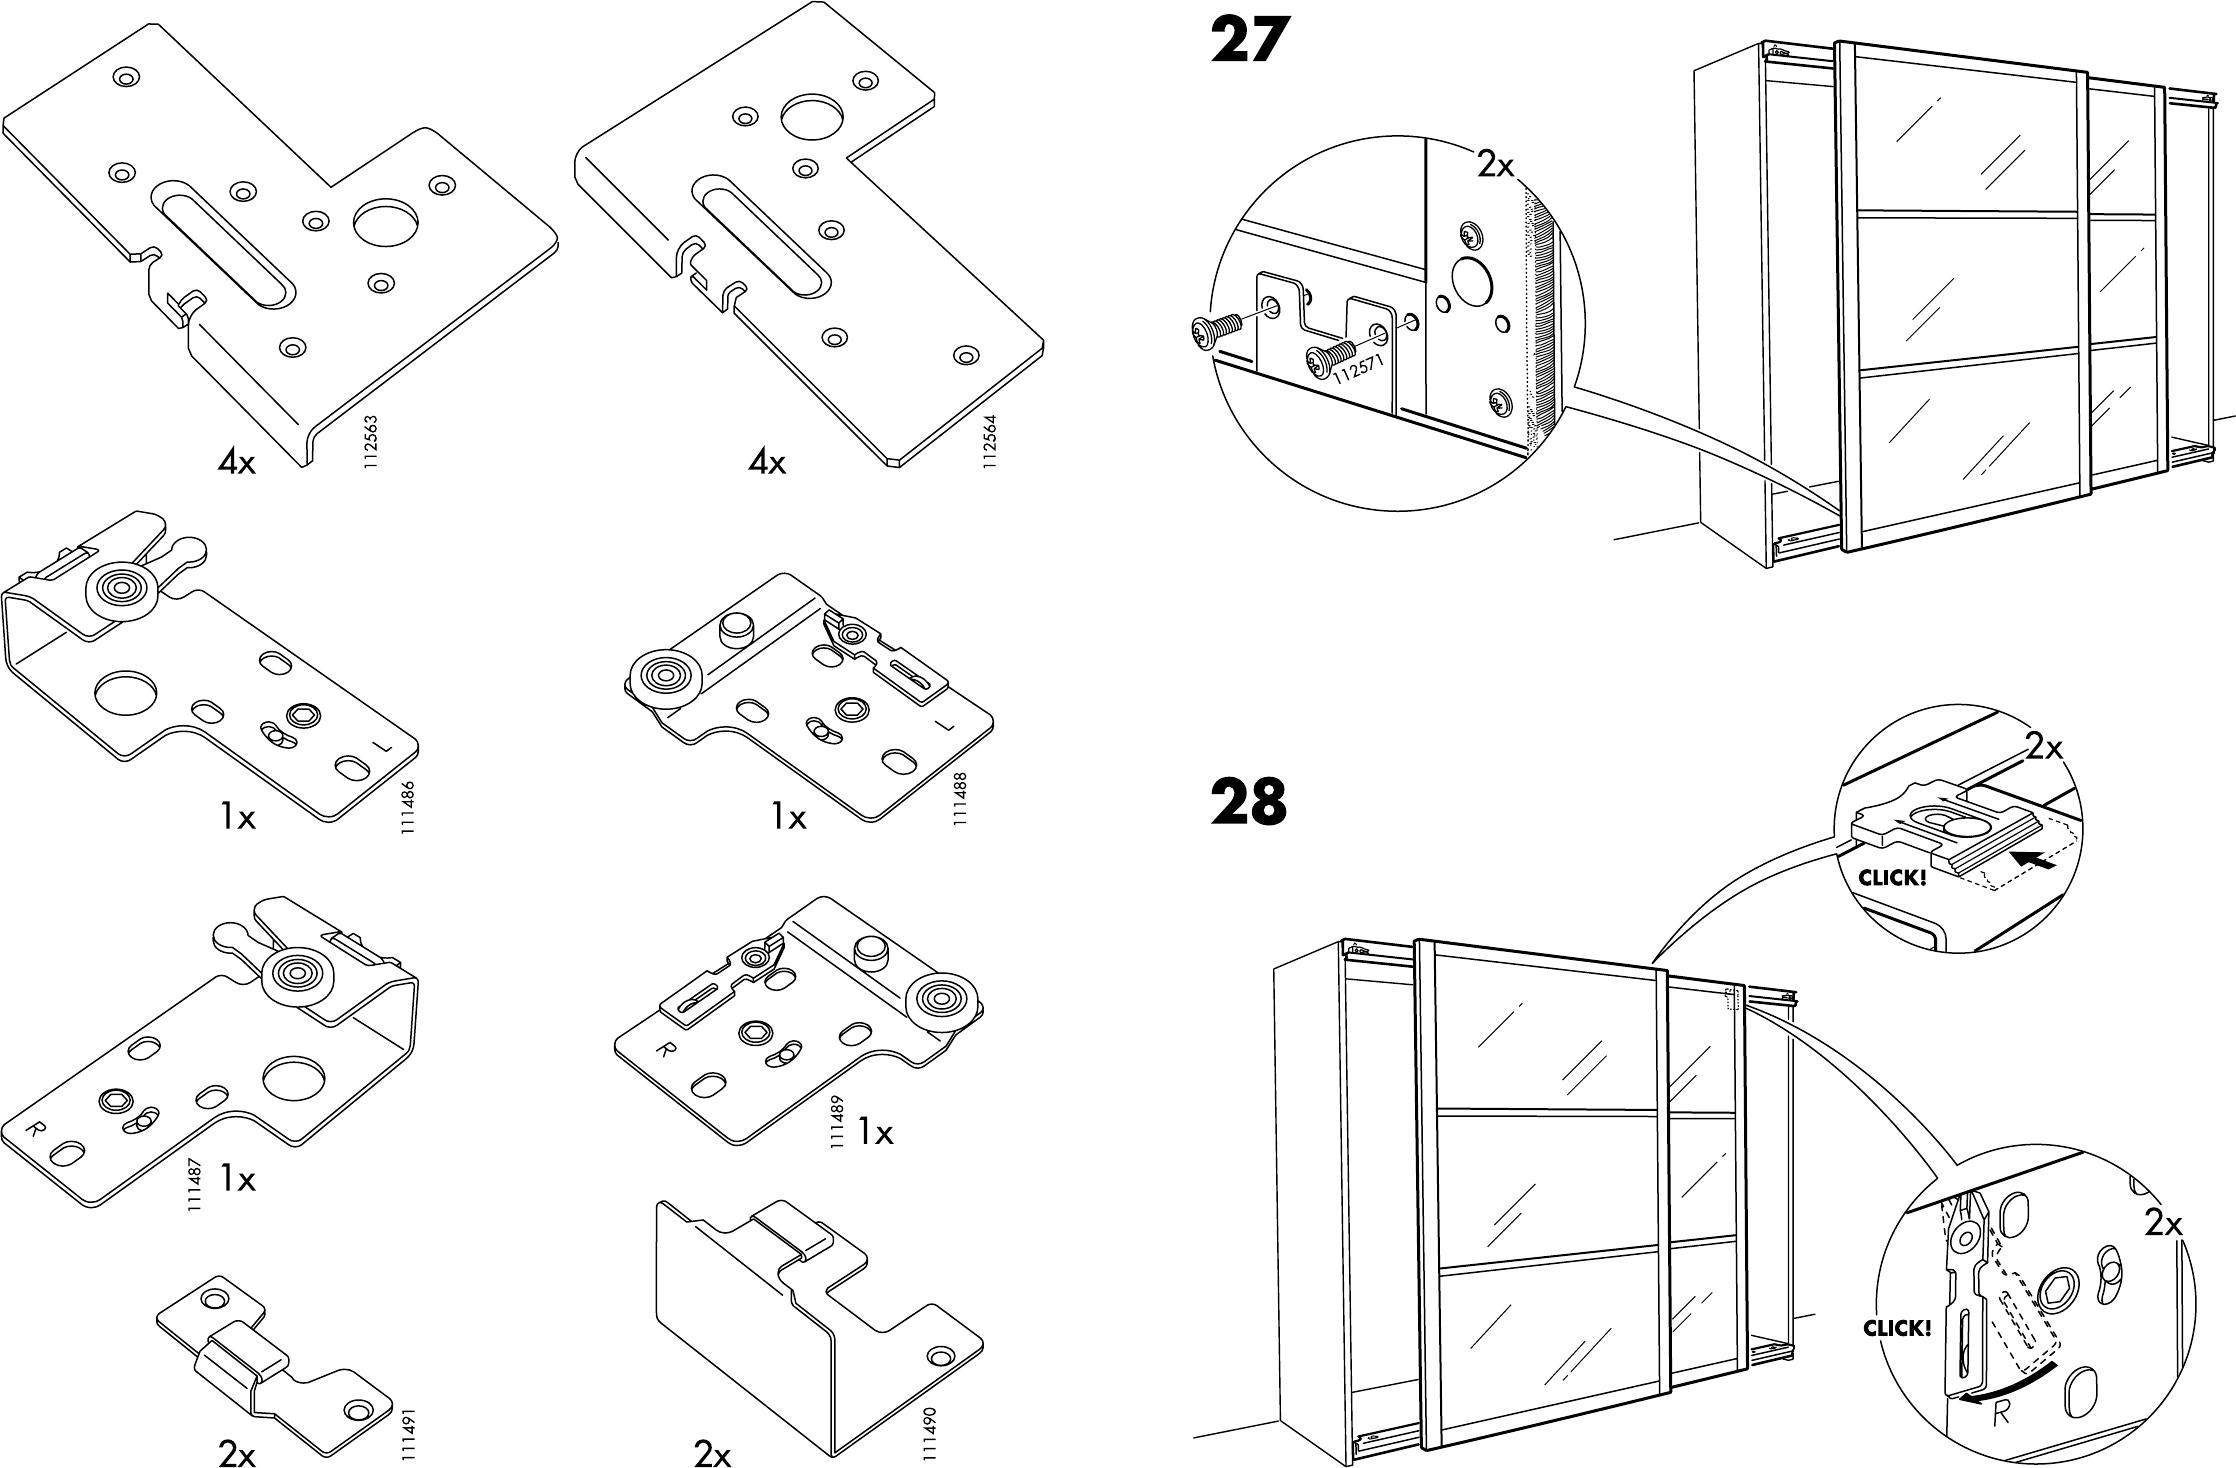 Pax Handleiding Schuifdeuren.Handleiding Ikea Pax Stordal Schuifdeuren Pagina 6 Van 12